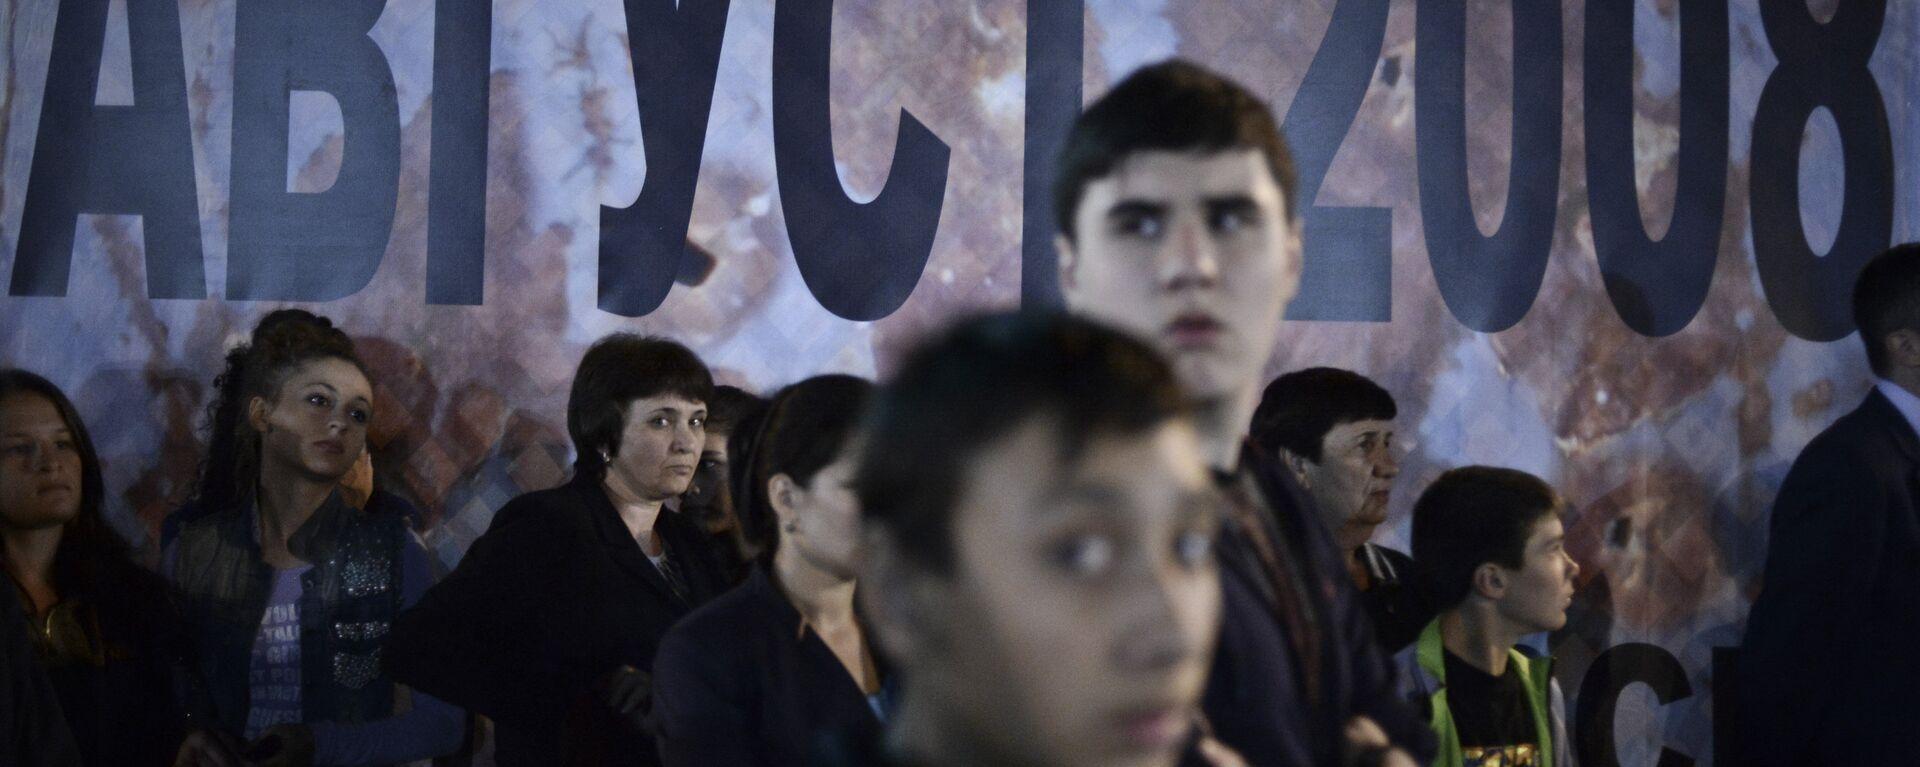 Vietējie iedzīvotāji Chinvalas centrālajā laukumā sēru pasākumos, kas veltīti traģisko notikumu piemiņai Dienvidosetijā - Sputnik Latvija, 1920, 09.08.2018